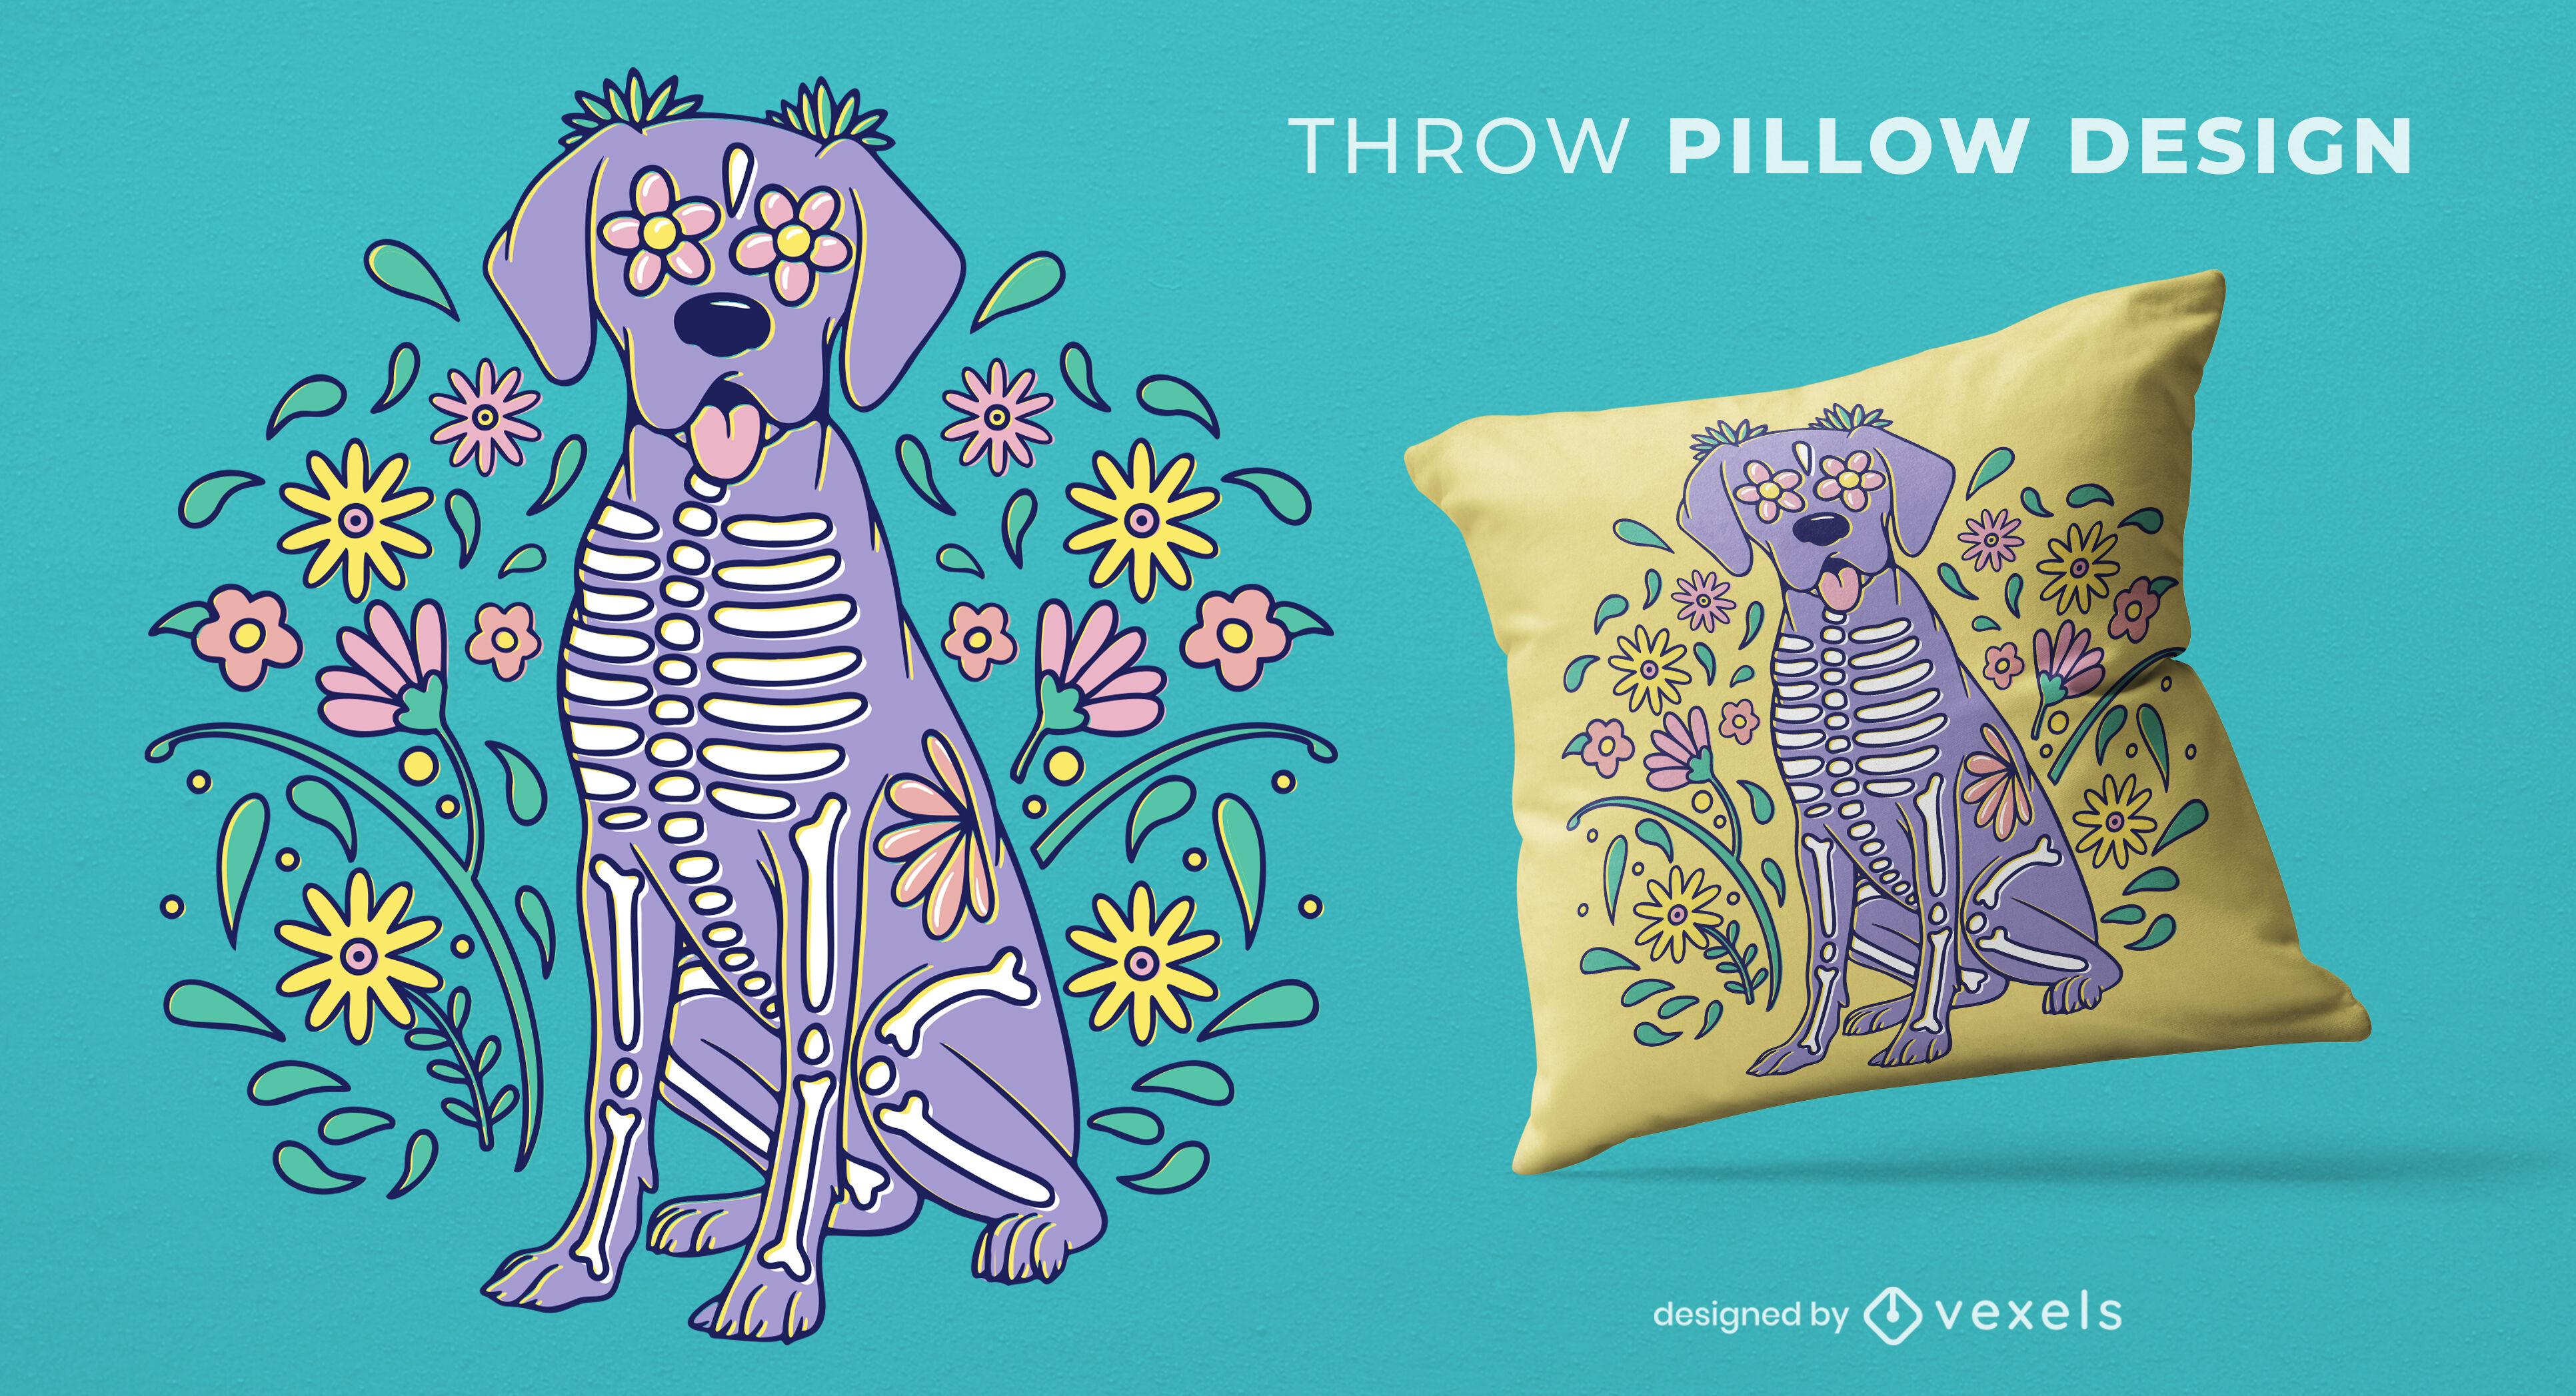 Skeleton dog animal throw pillow design